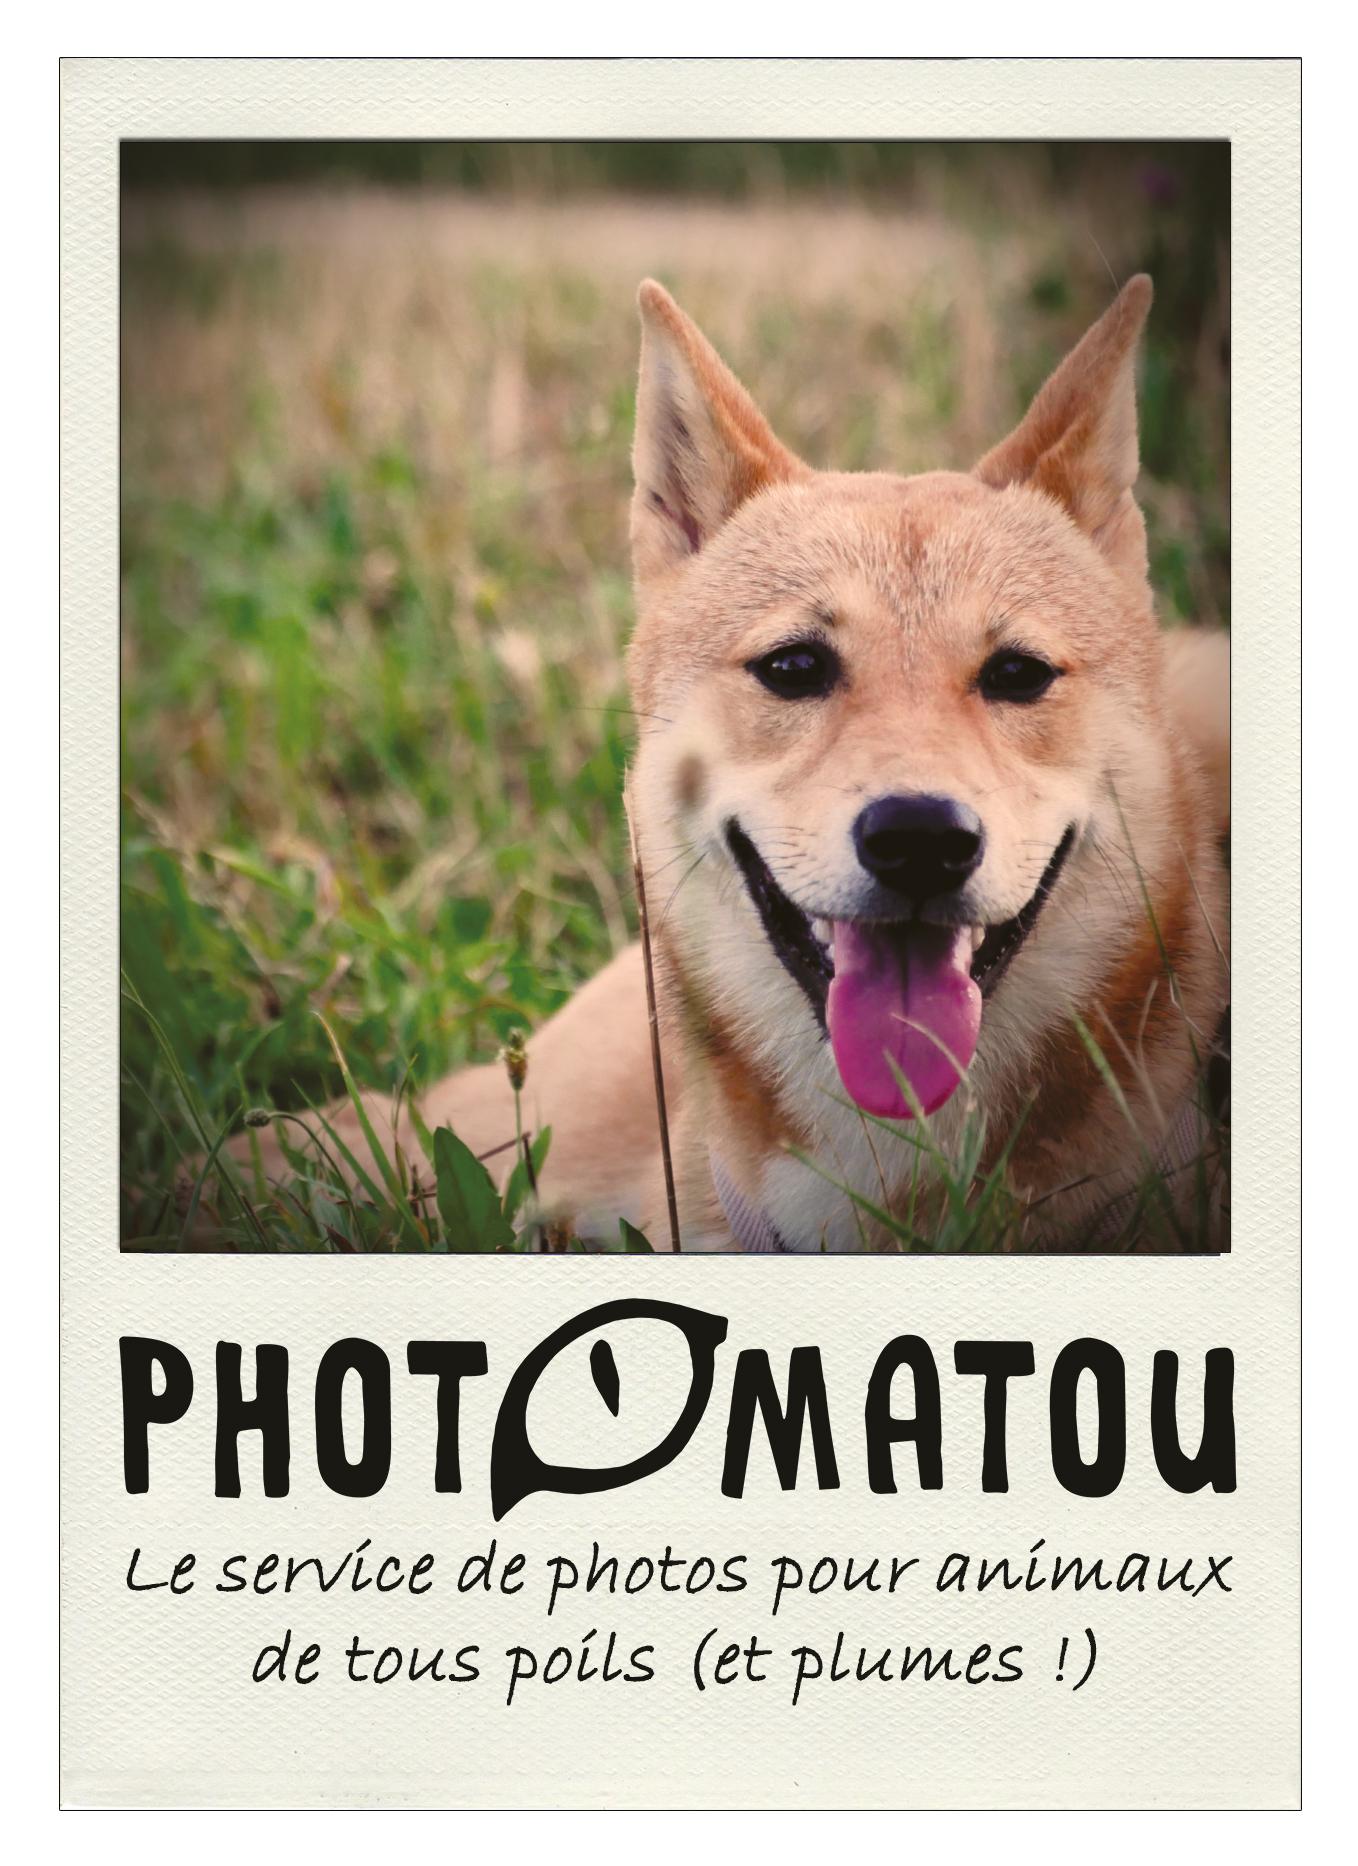 Flyer RECTO PHOTOMATOU